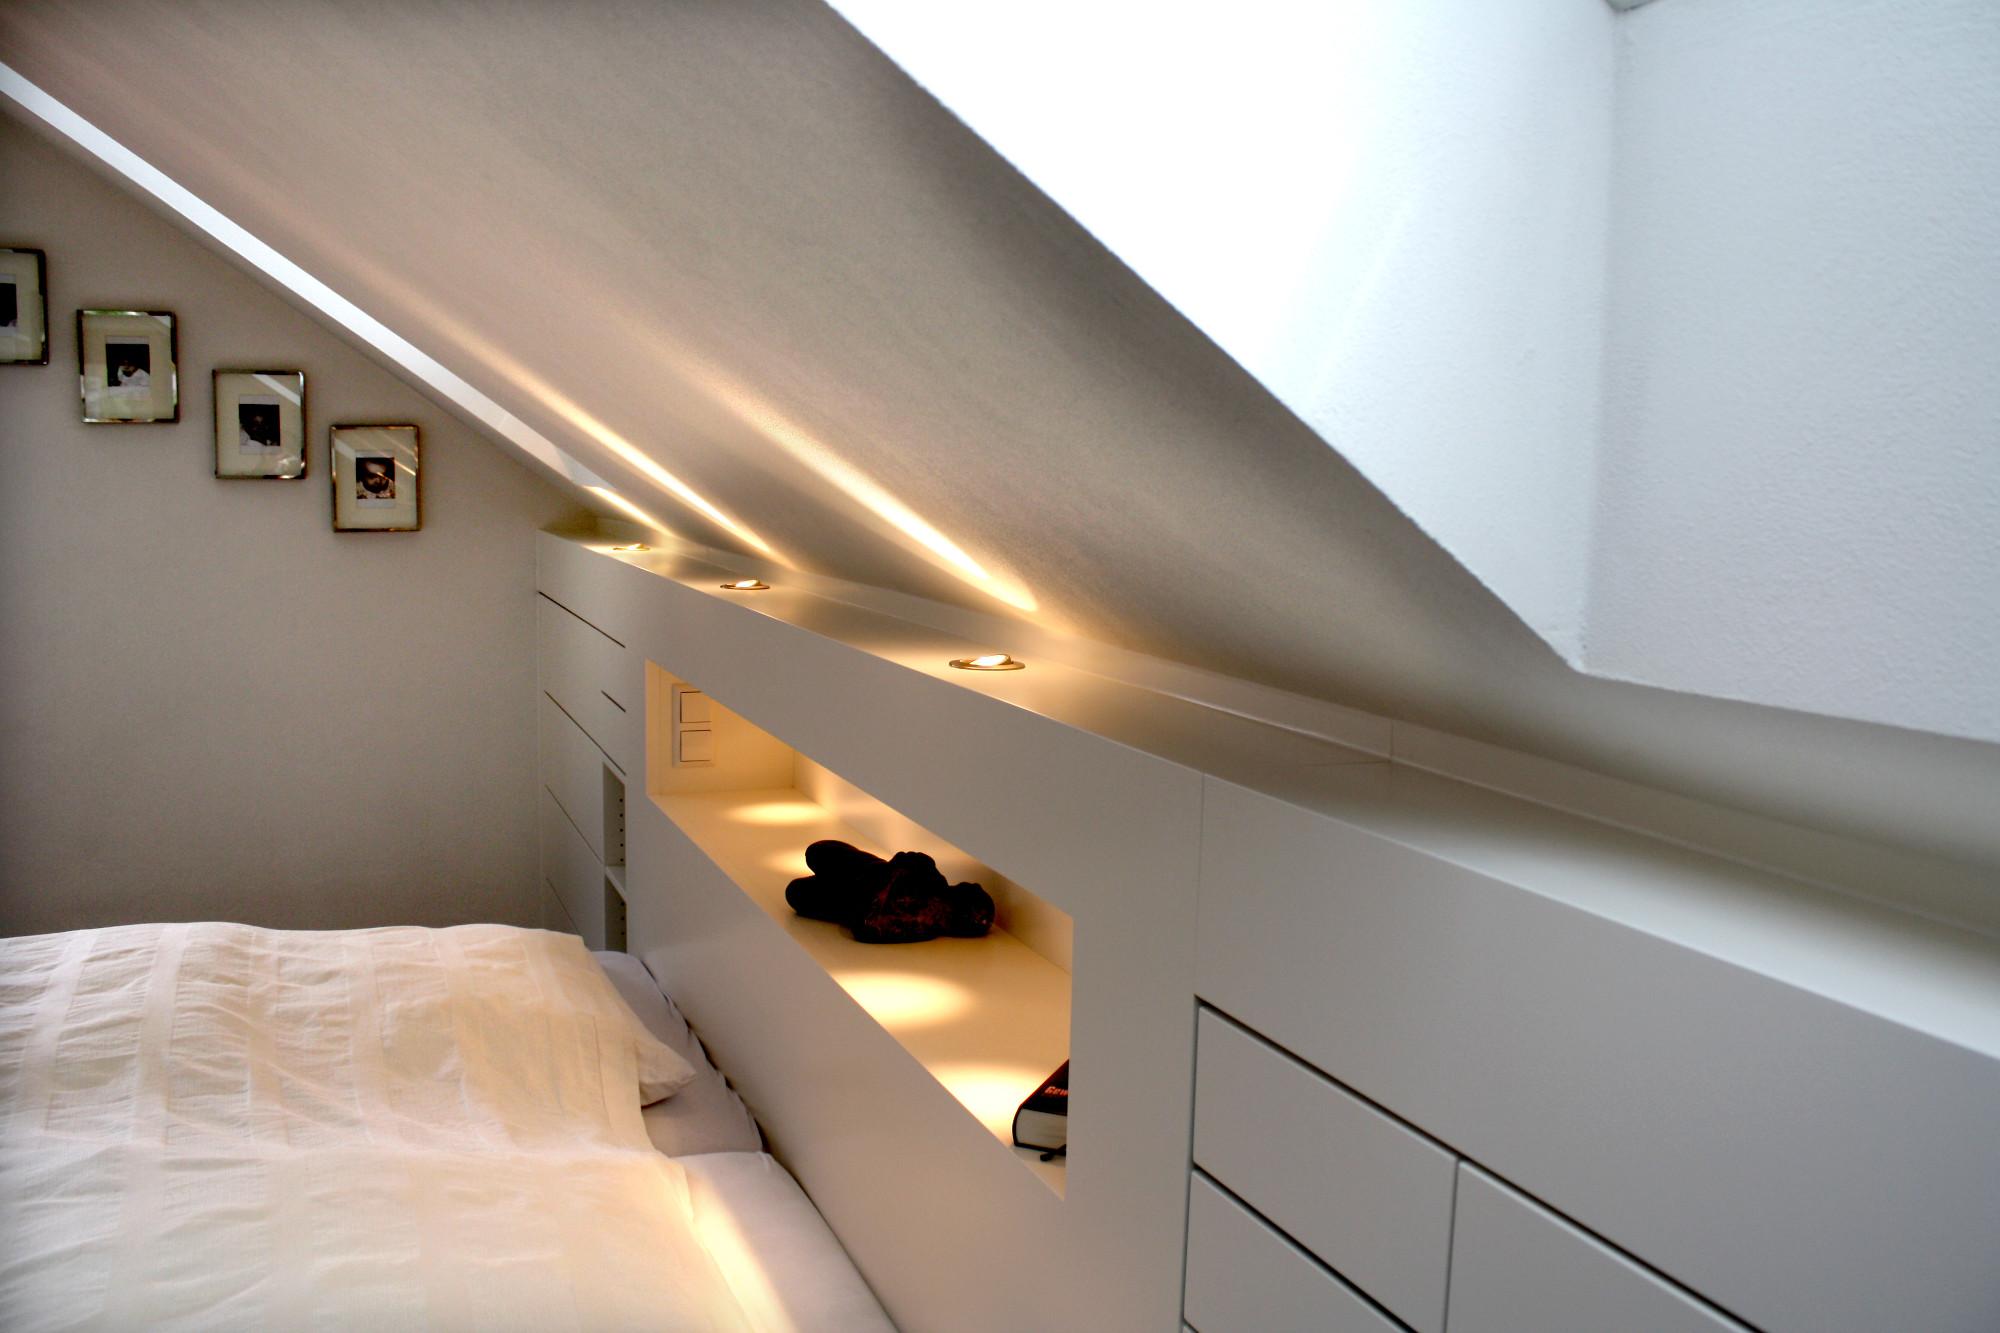 Schlafzimmer 15 - Möbel Bühler - Schorndorf